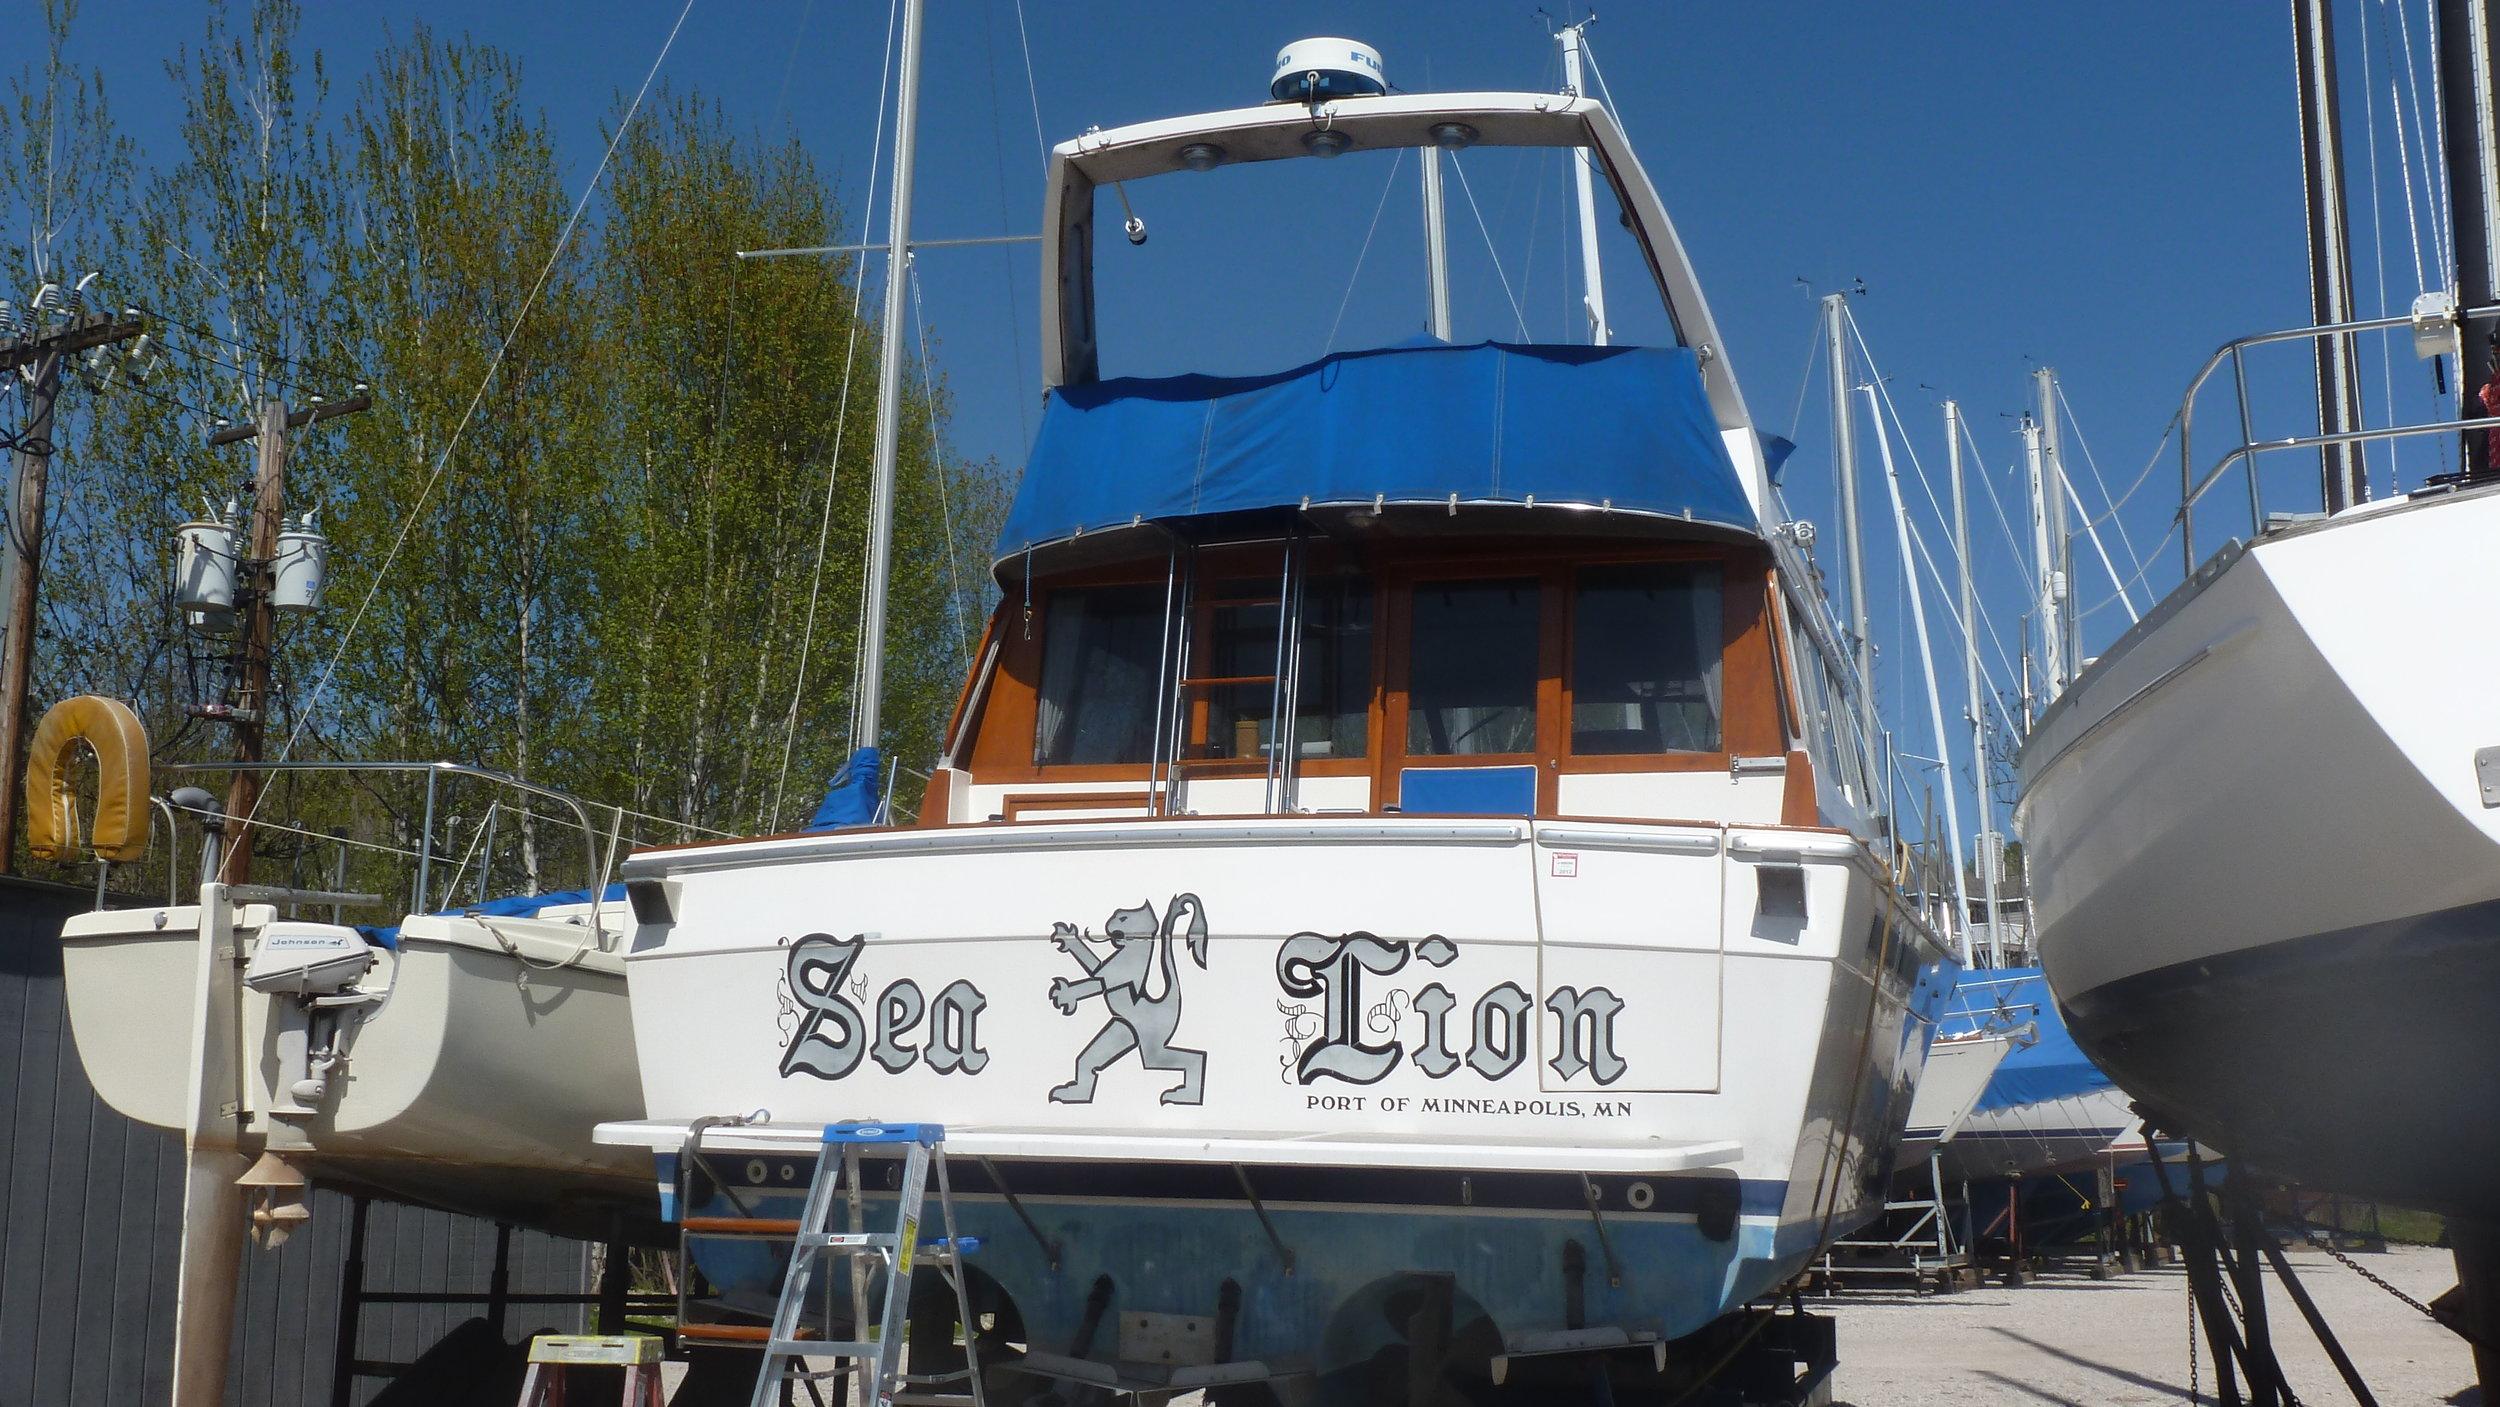 Sea Lion_2012 05 11_4948.JPG